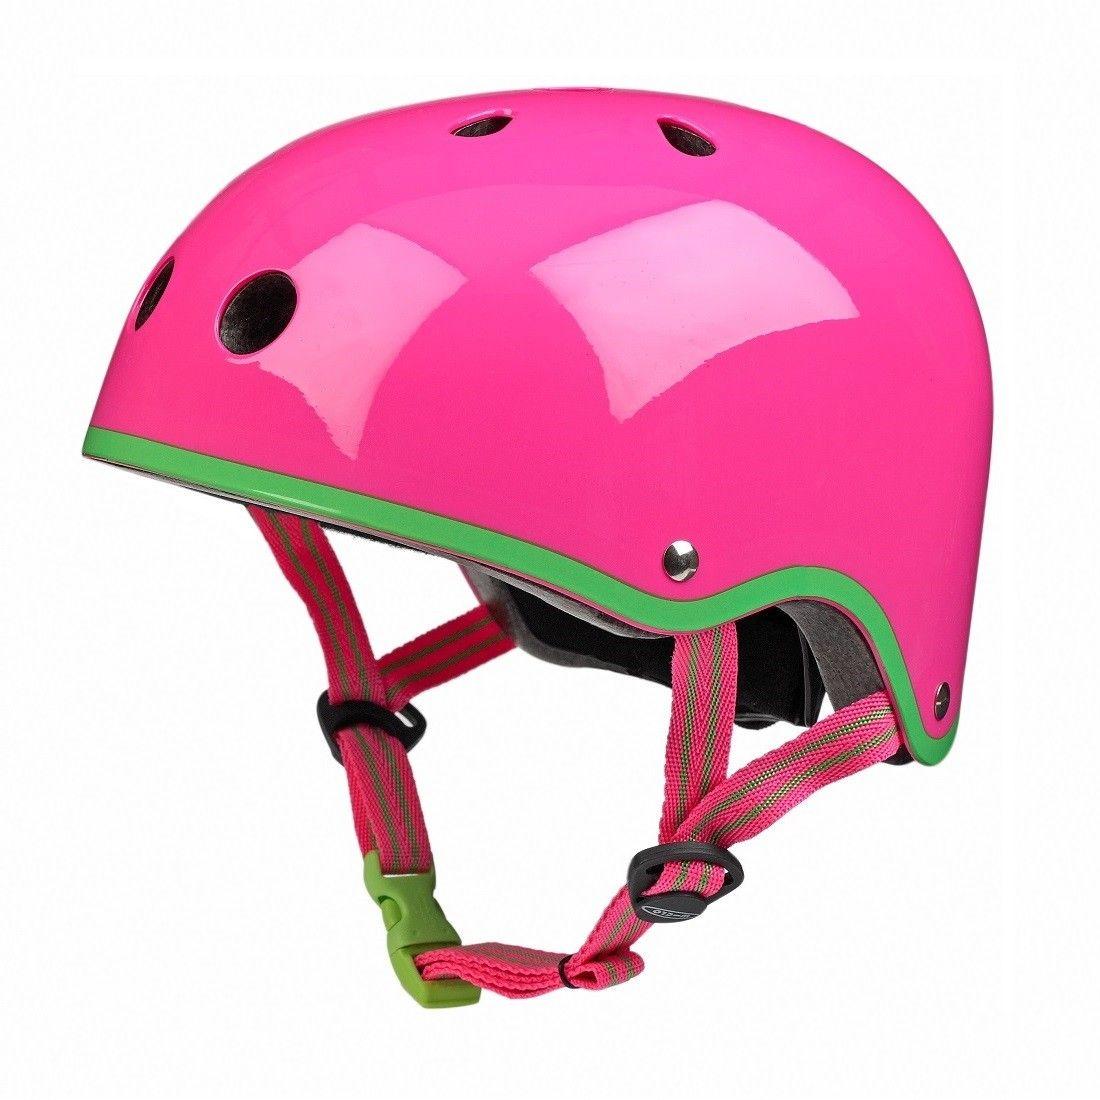 Cykelhjelm fra Micro - Neon Pink